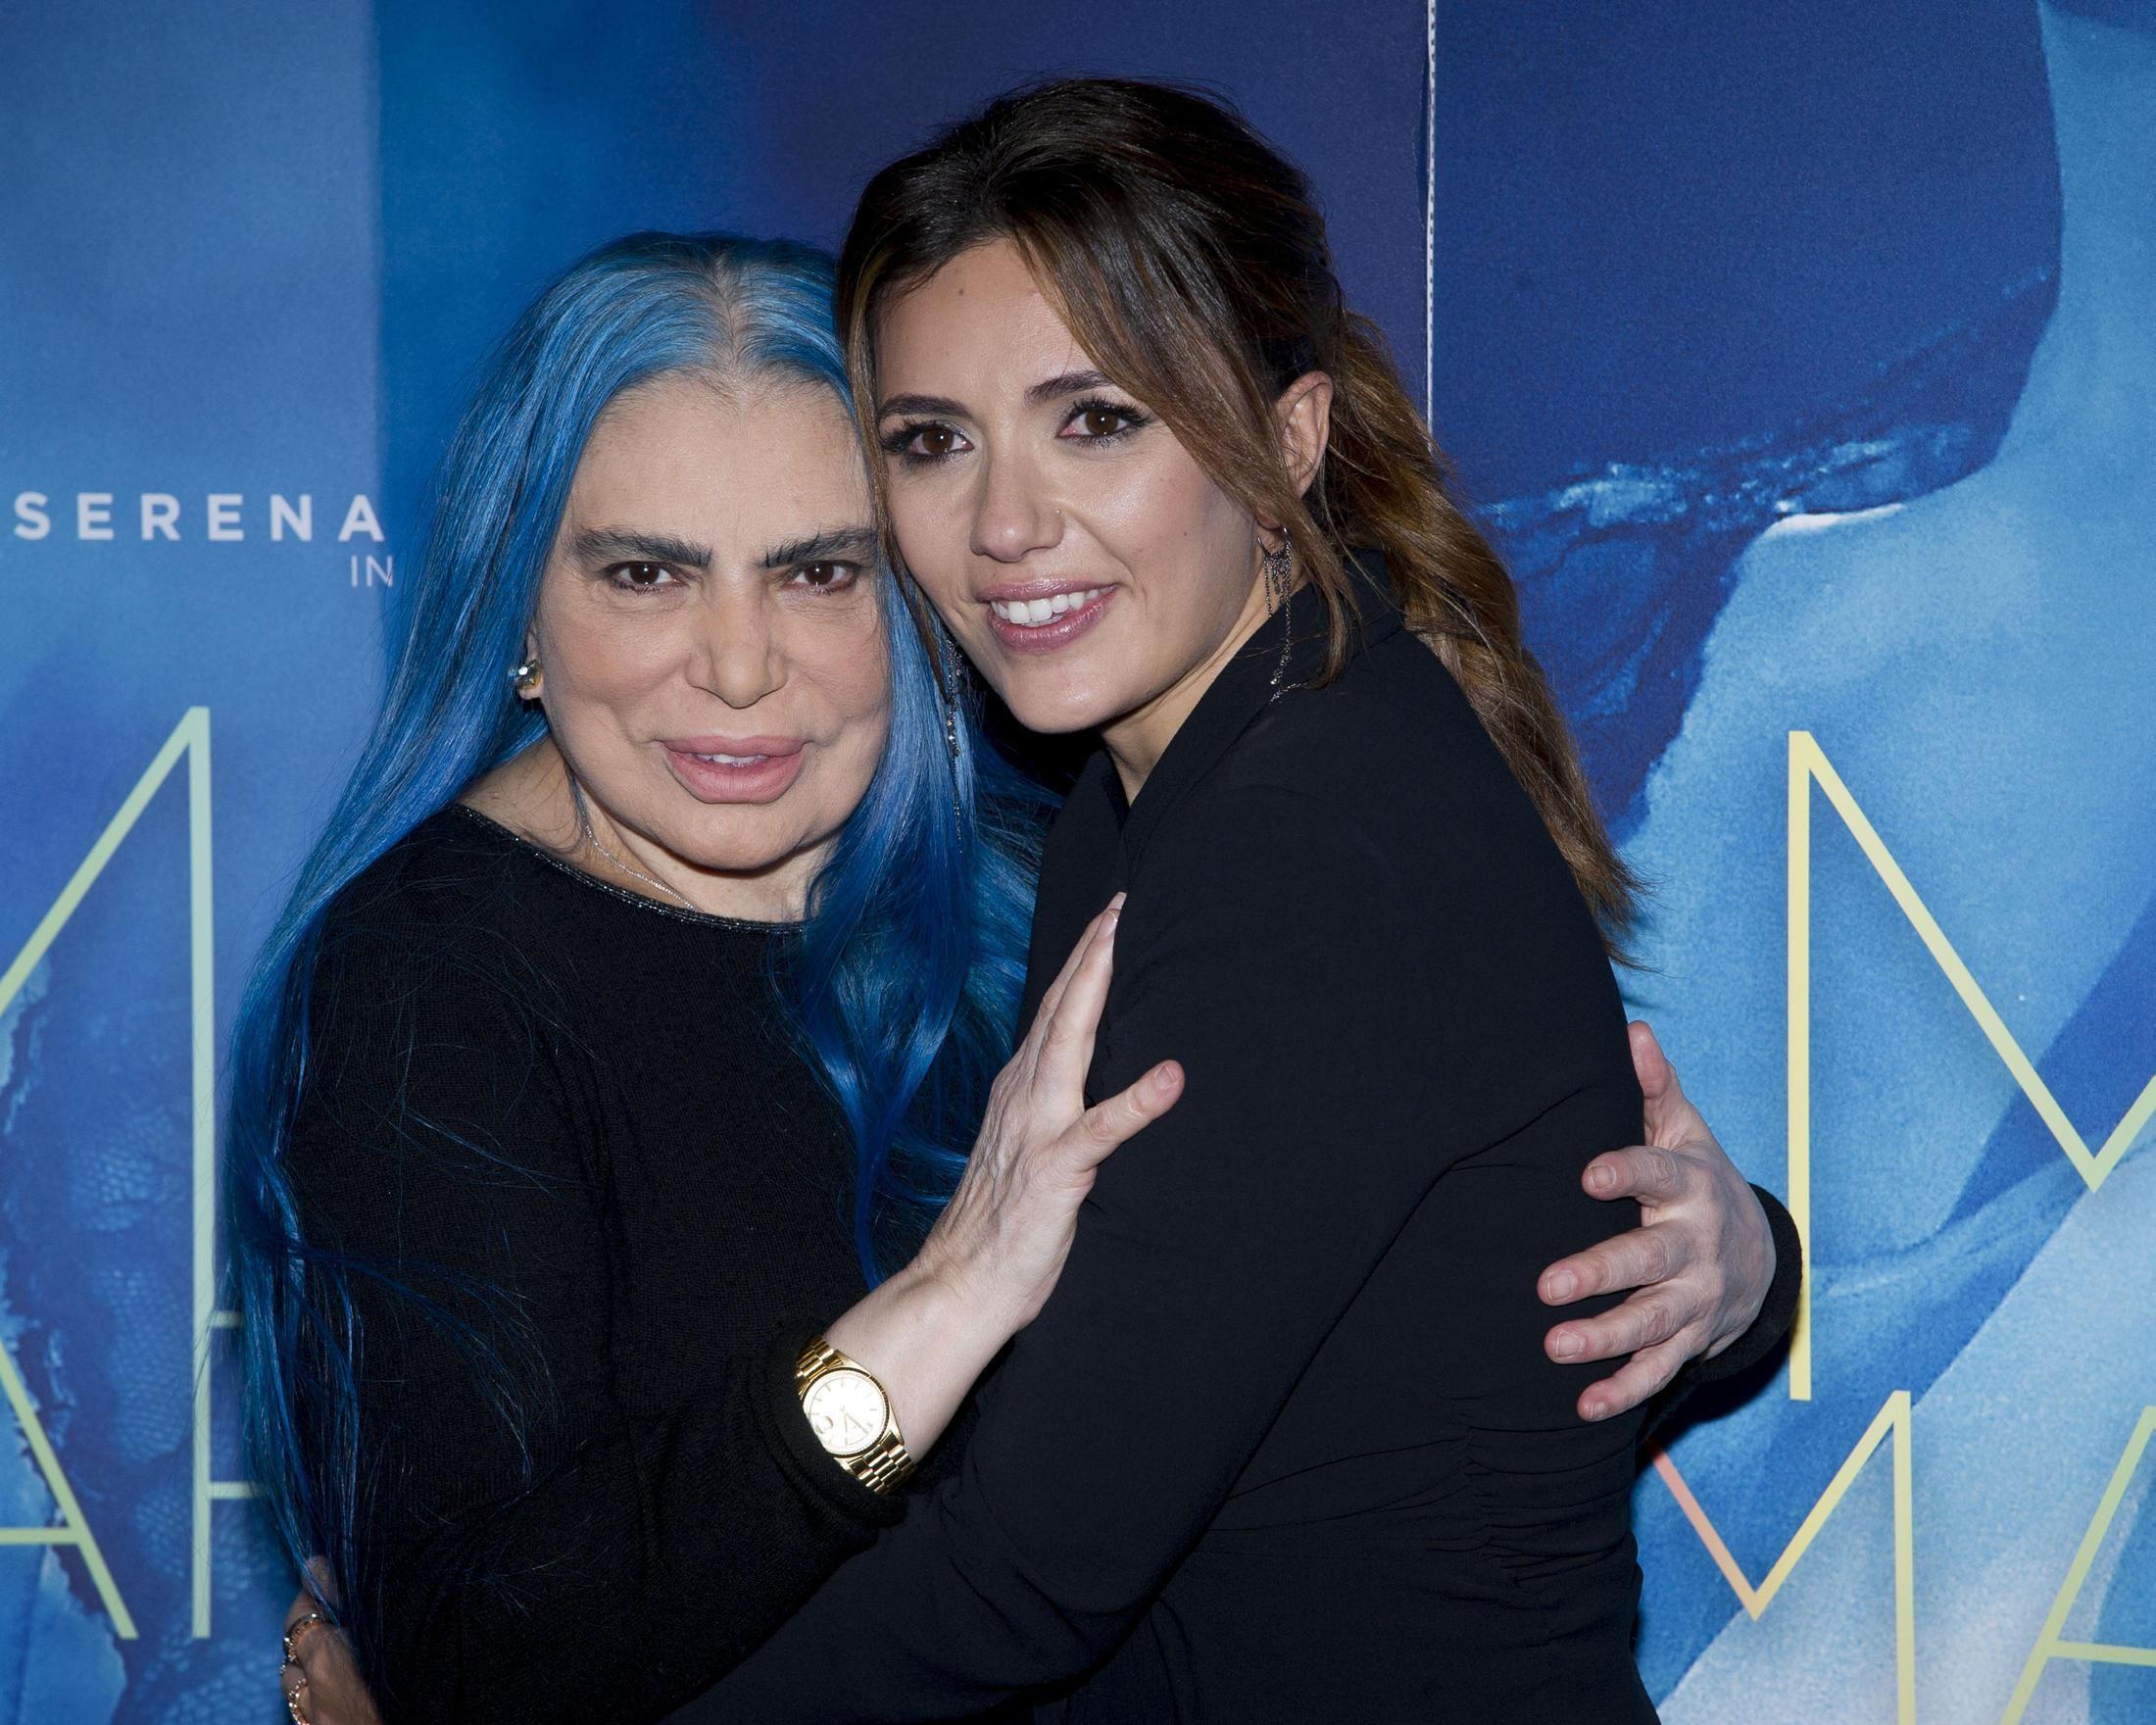 Sanremo 2019, l'abbraccio dietro le quinte tra Loredana Bertè e Serena Rossi